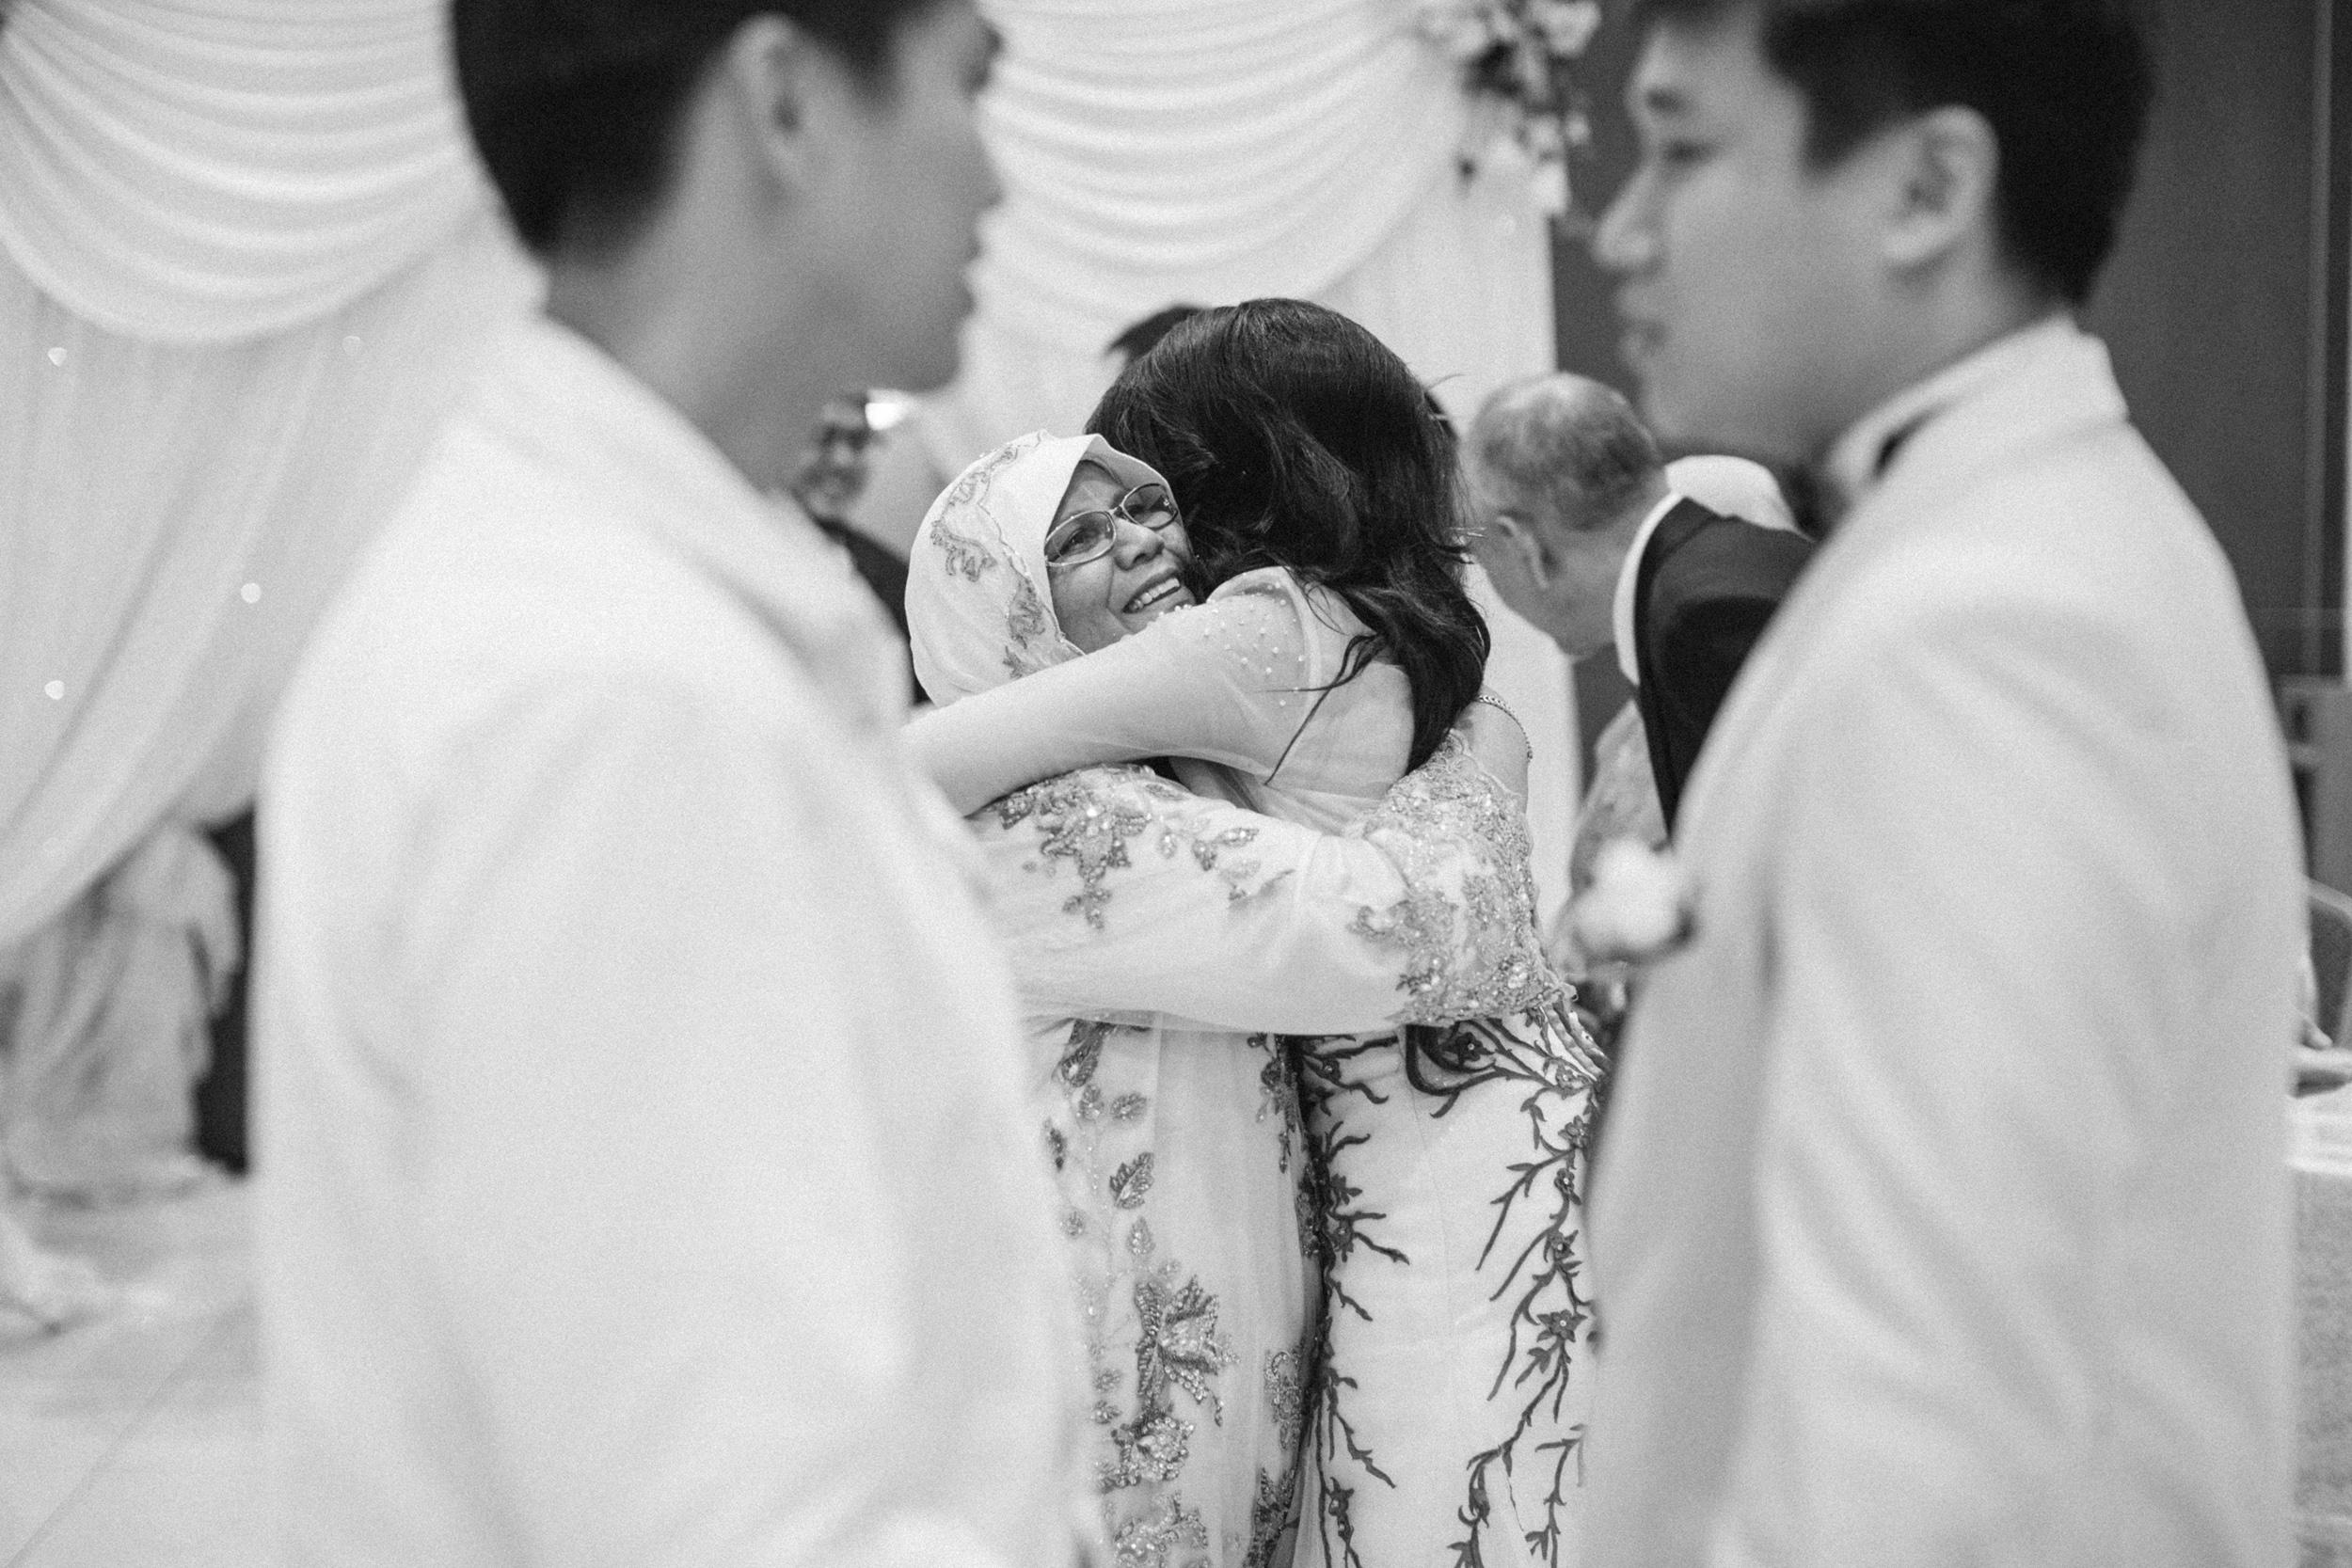 singapore-wedding-photographer-wemadethese-shikin-yanho-073.jpg